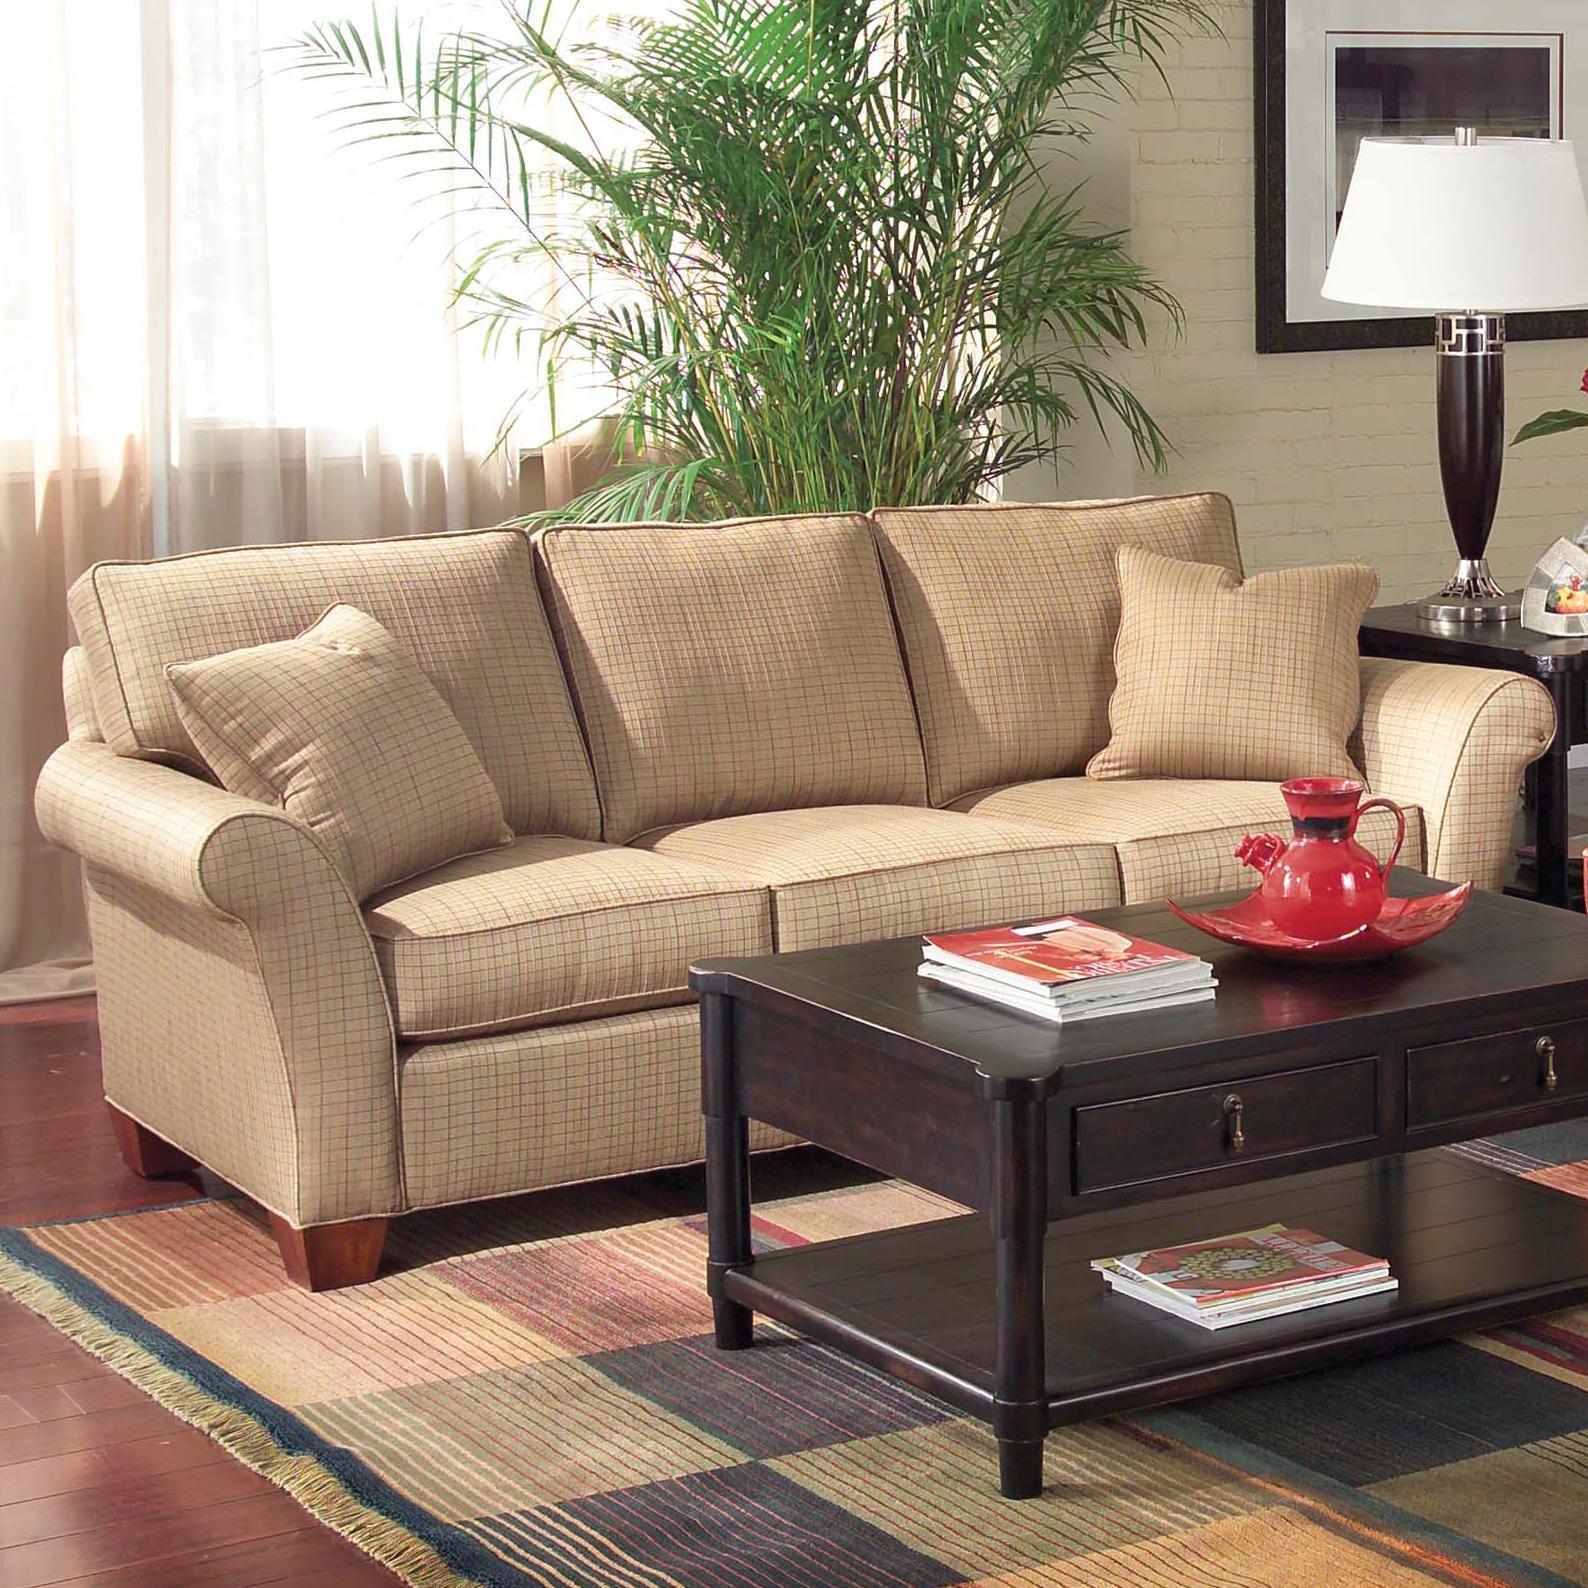 Fairfield Sofa Accents Flair Arm Sofa   Item Number: 3718 50